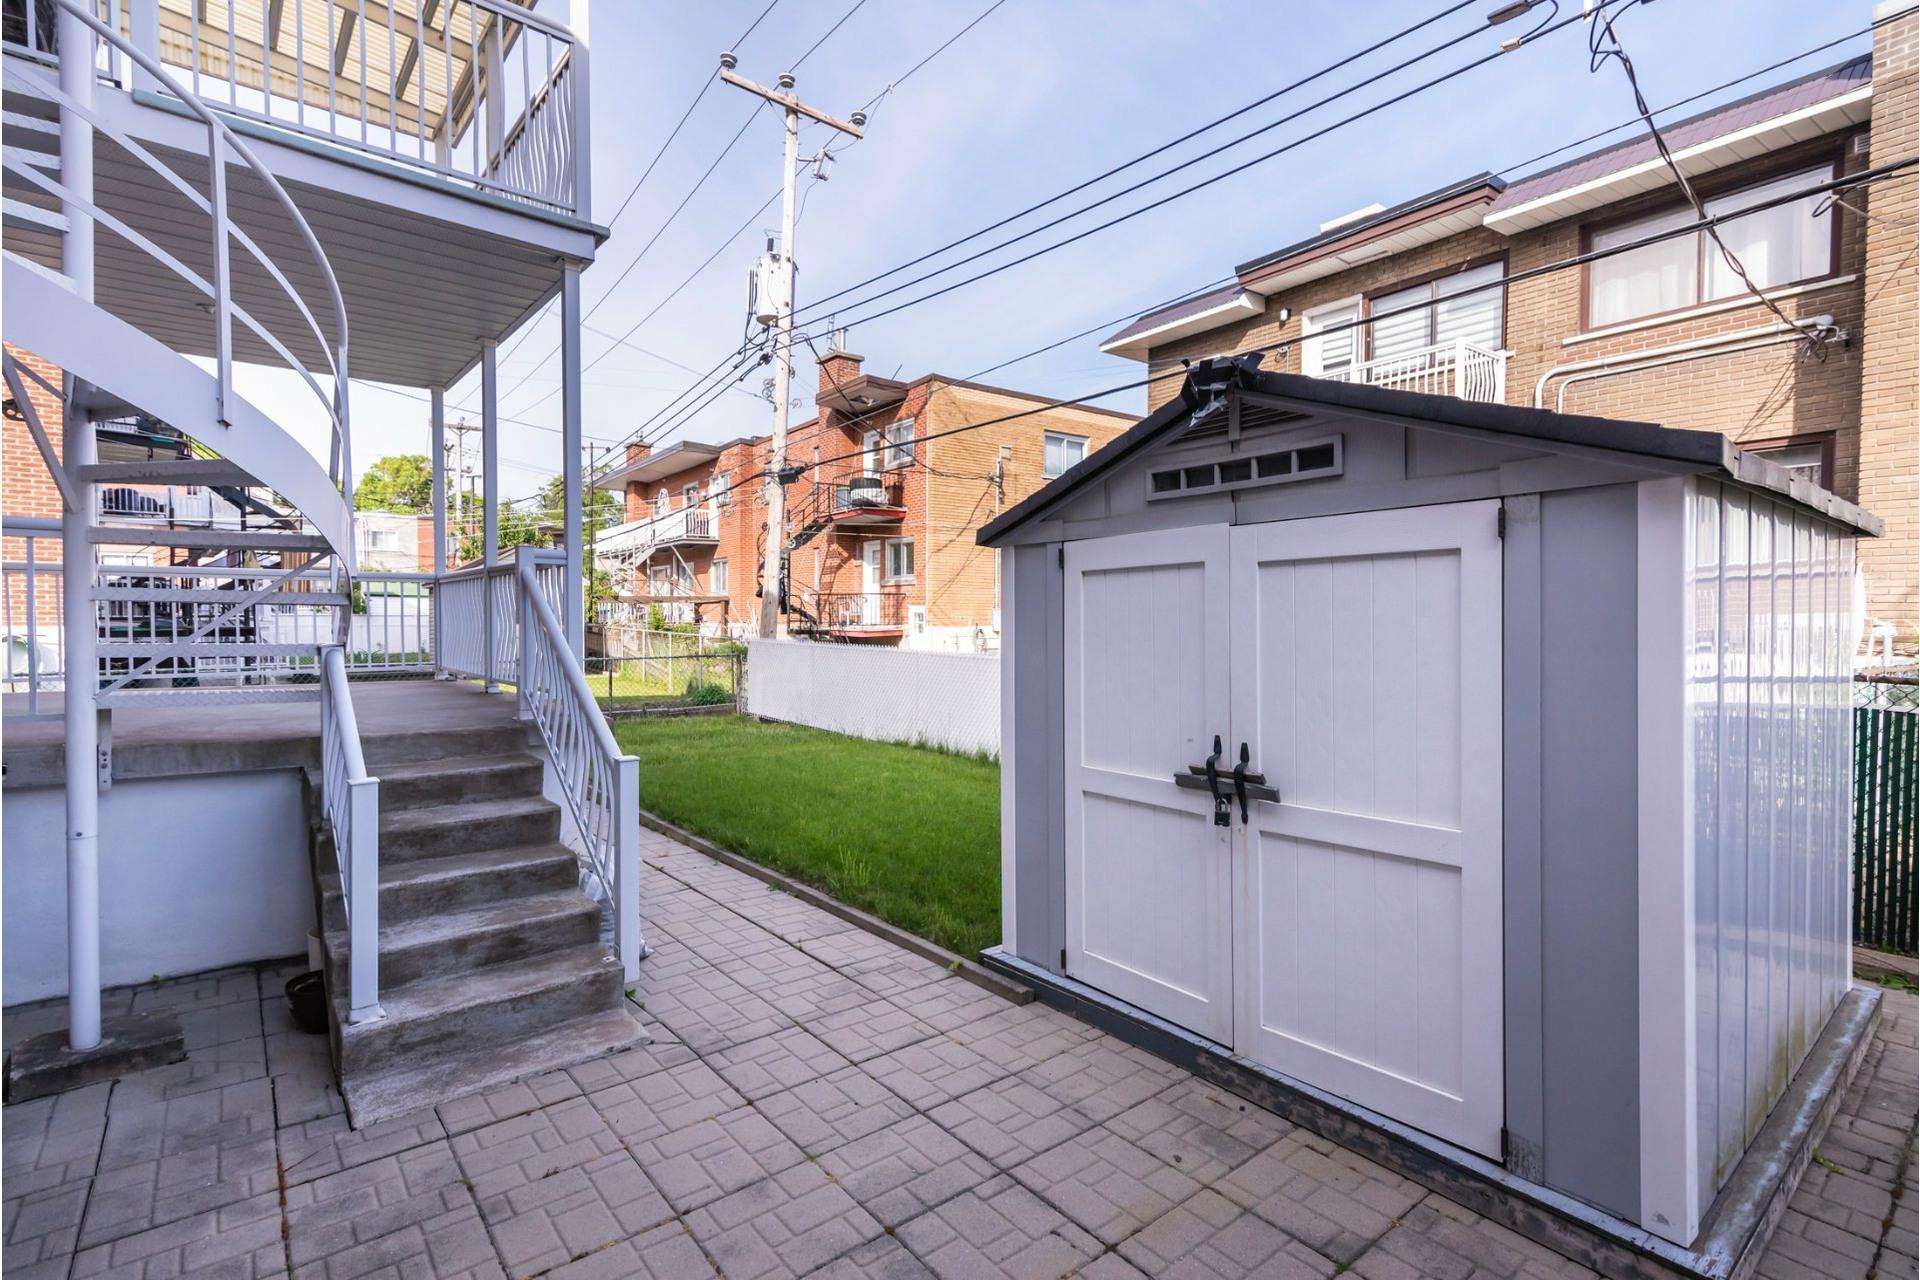 image 45 - Duplex For sale Saint-Léonard Montréal  - 9 rooms